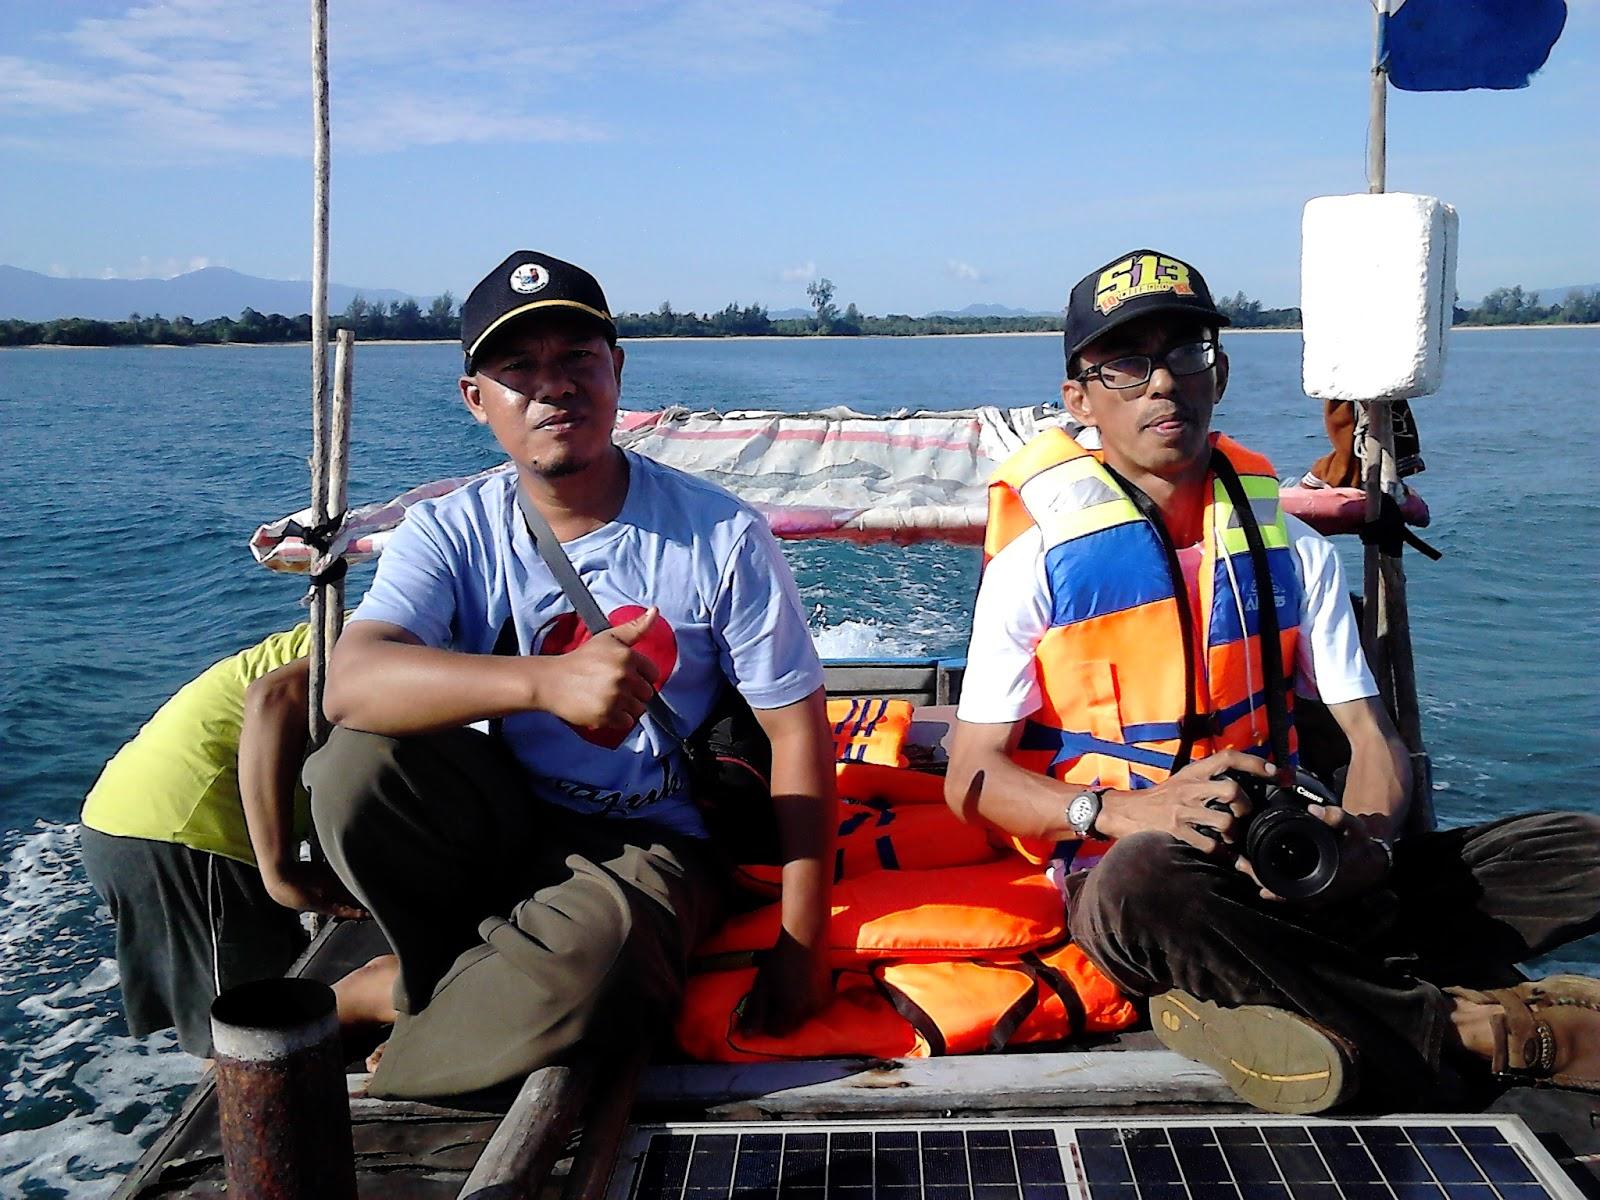 adalah Tanjung Dato untuk melihat mercu suar yang berdampingan dengan  Negara tetangga Malaysia. Namun sebelum ke mercu suar sebaiknya kita  singgah di teluk ... 06df2fed9e